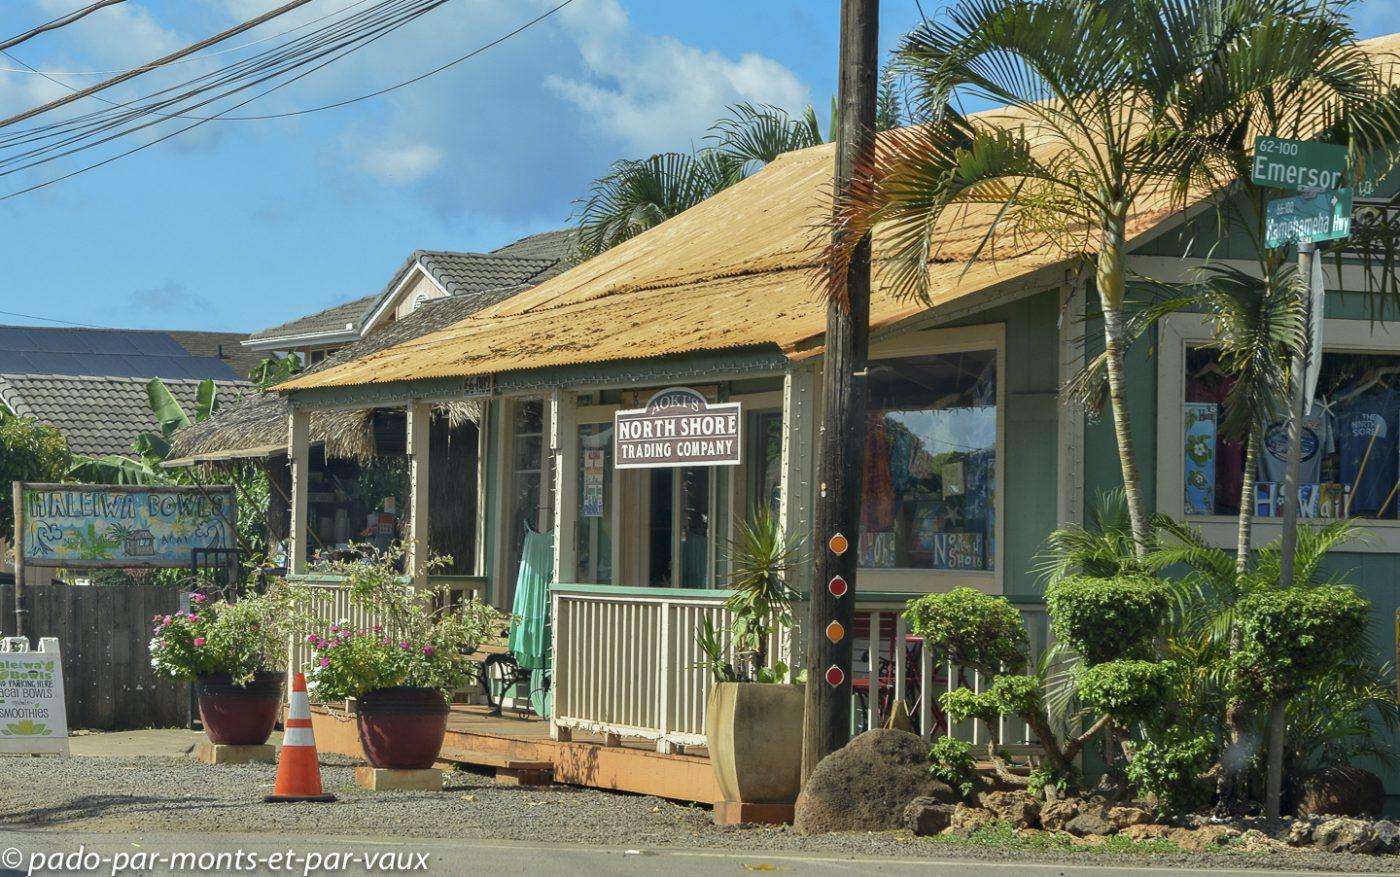 Oahu - North Shore